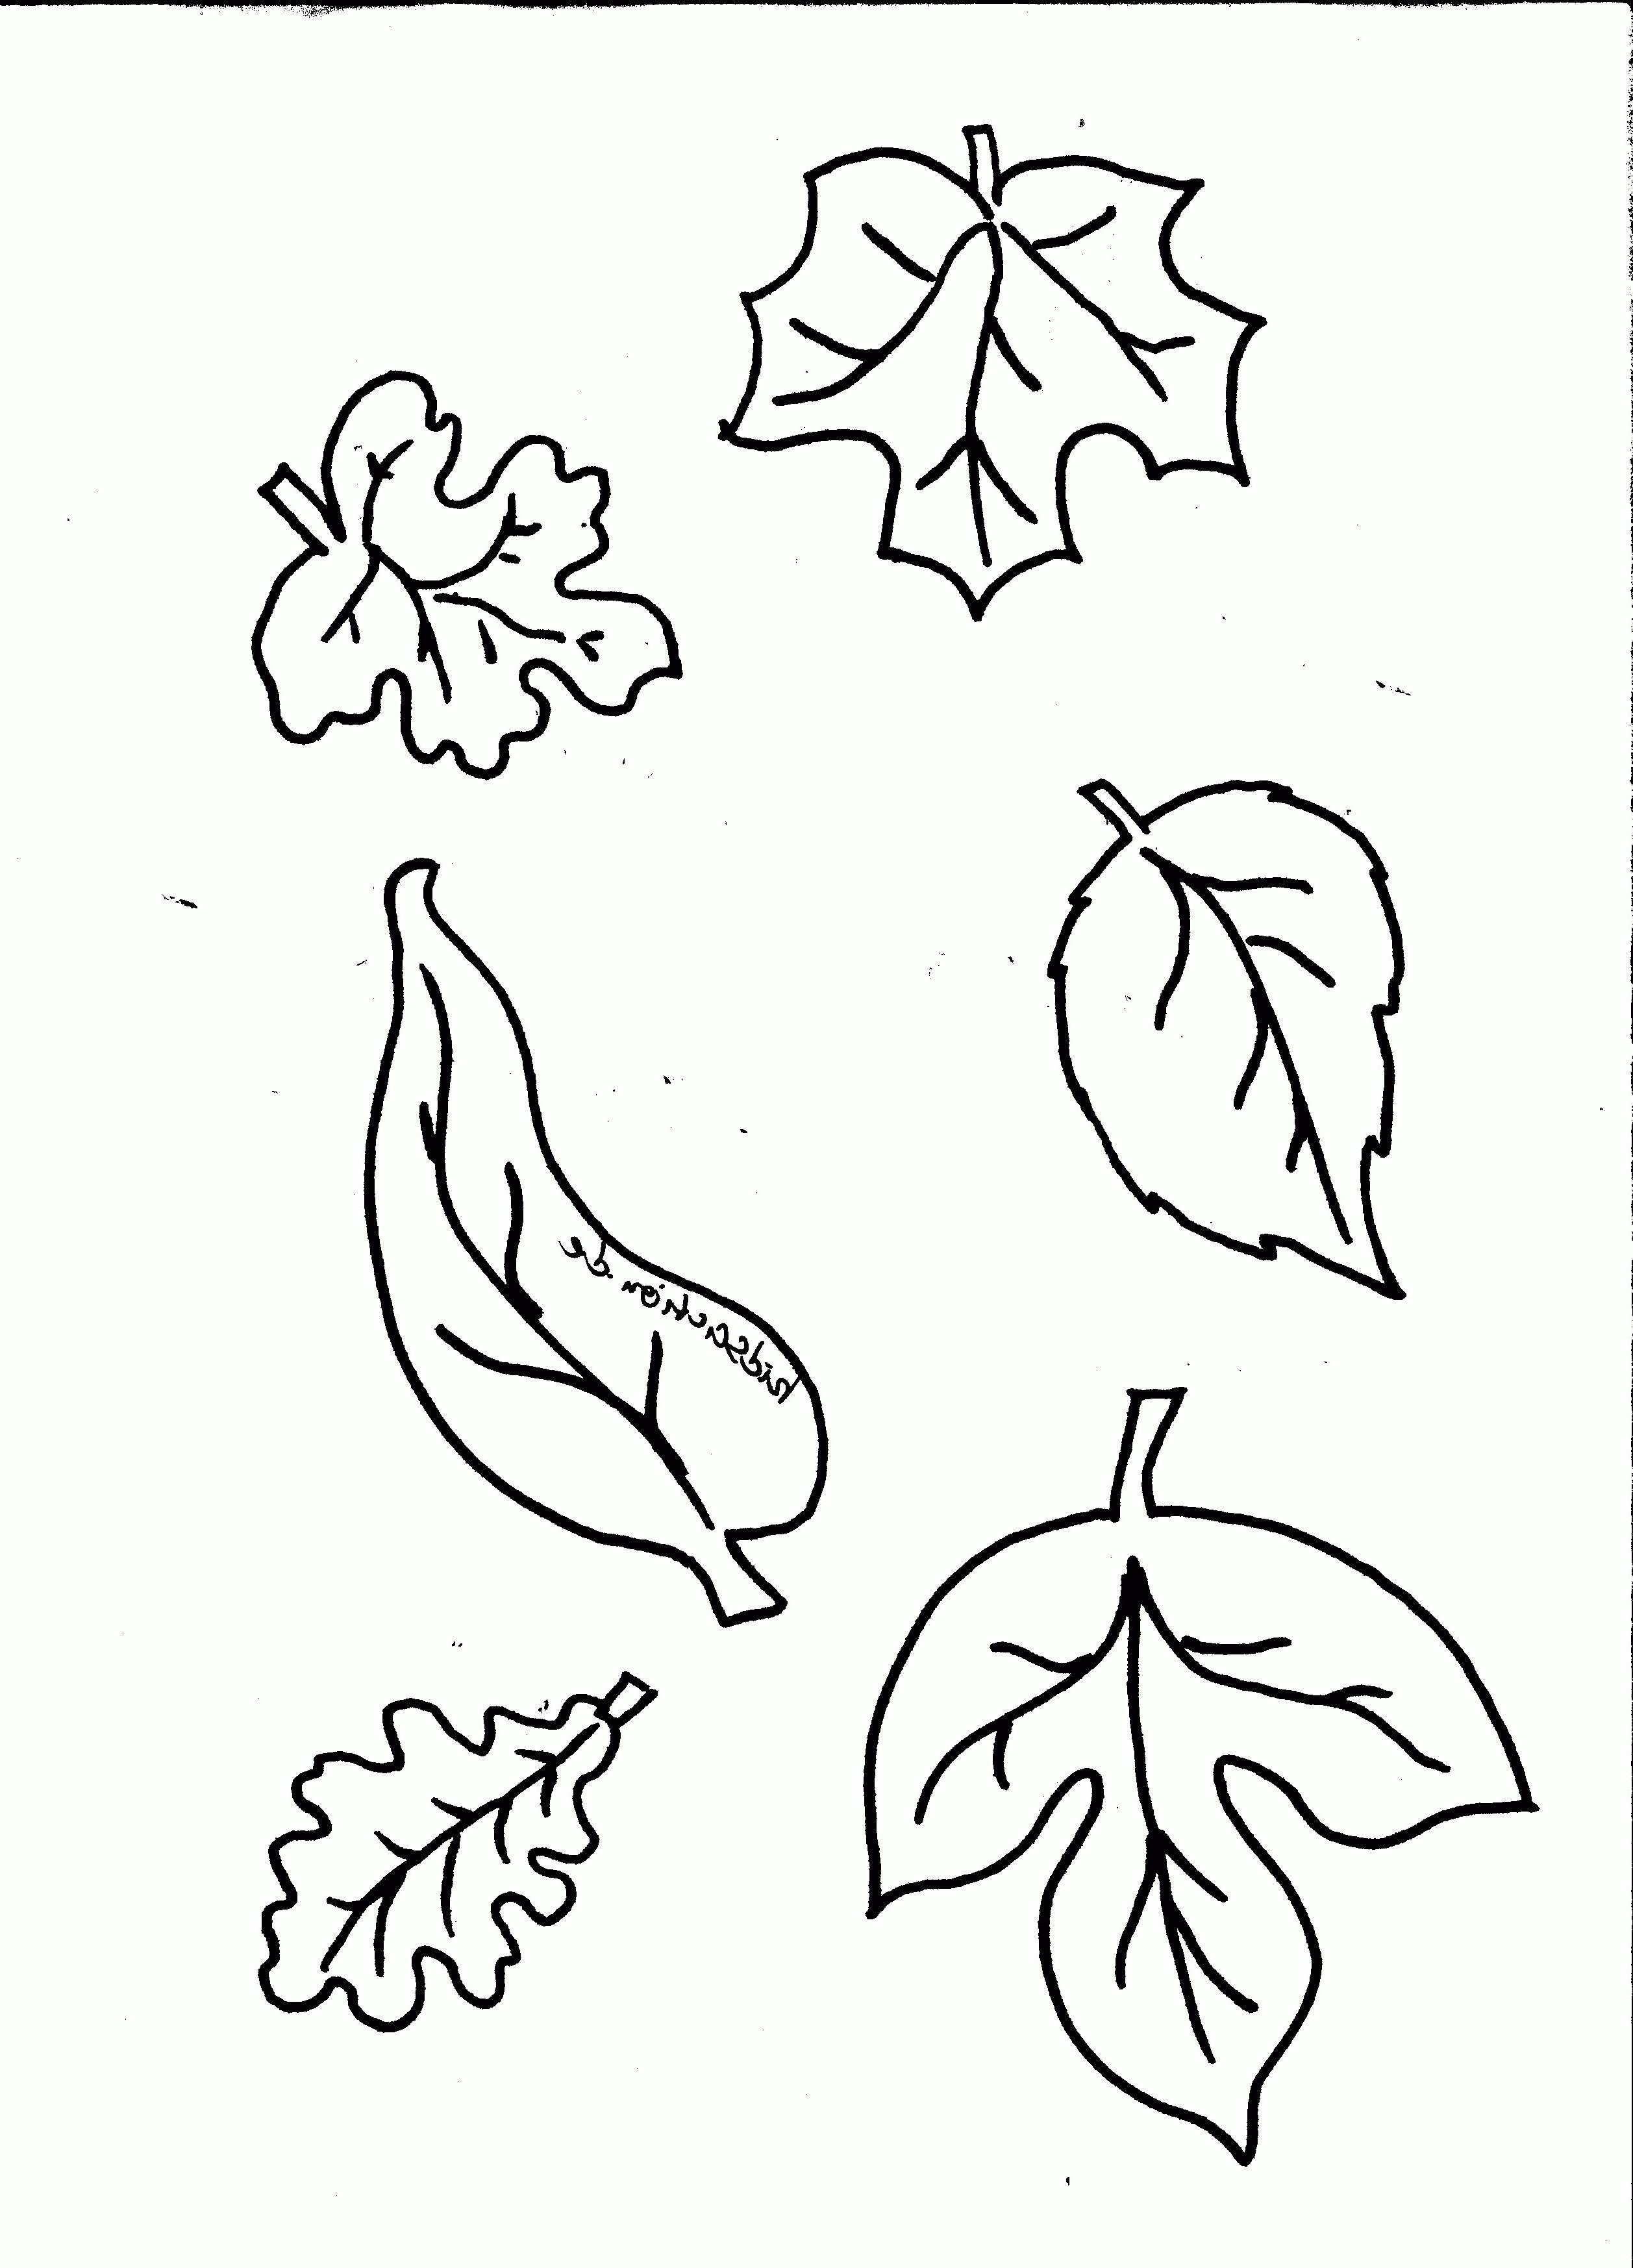 Malvorlage Blumen ornamente Frisch 43 Frisch Ausmalbilder Osterei – Große Coloring Page Sammlung Bild